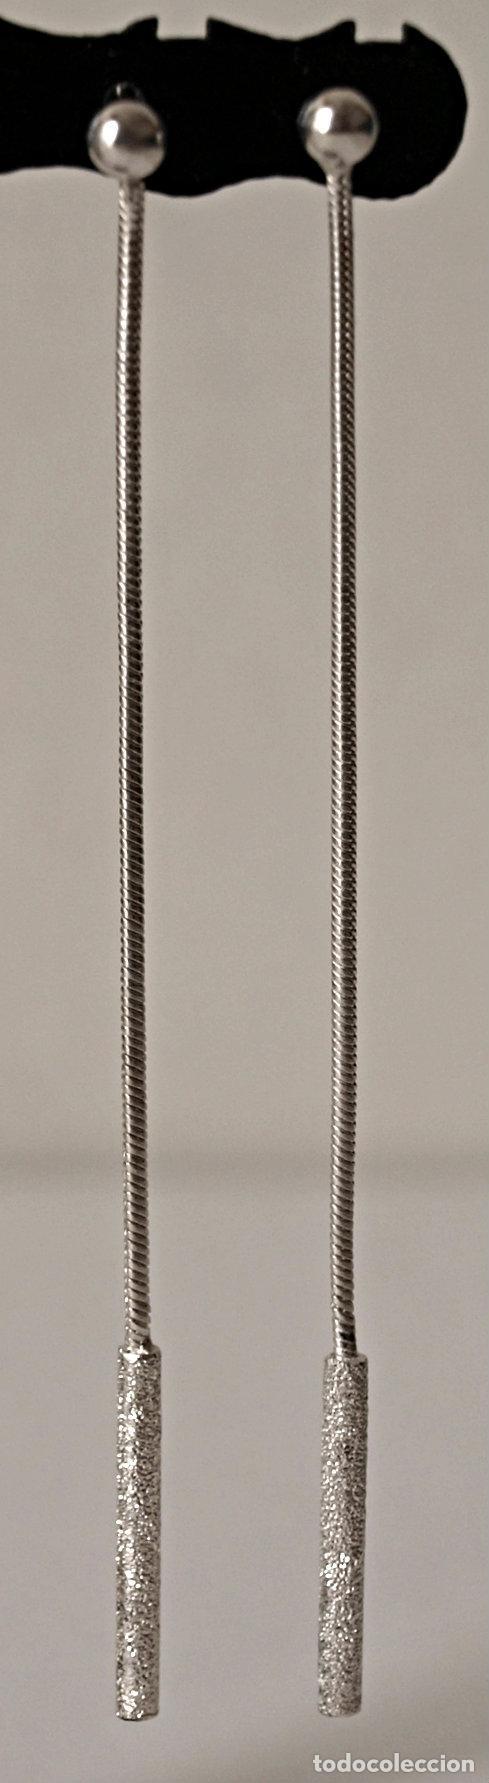 Joyeria: PENDIENTES LARGOS DE PLATA DE LEY CONTRASTADA. 8,4 CM LARGO APROX. VER FOTOS Y DESCRIPCION - Foto 16 - 167638385